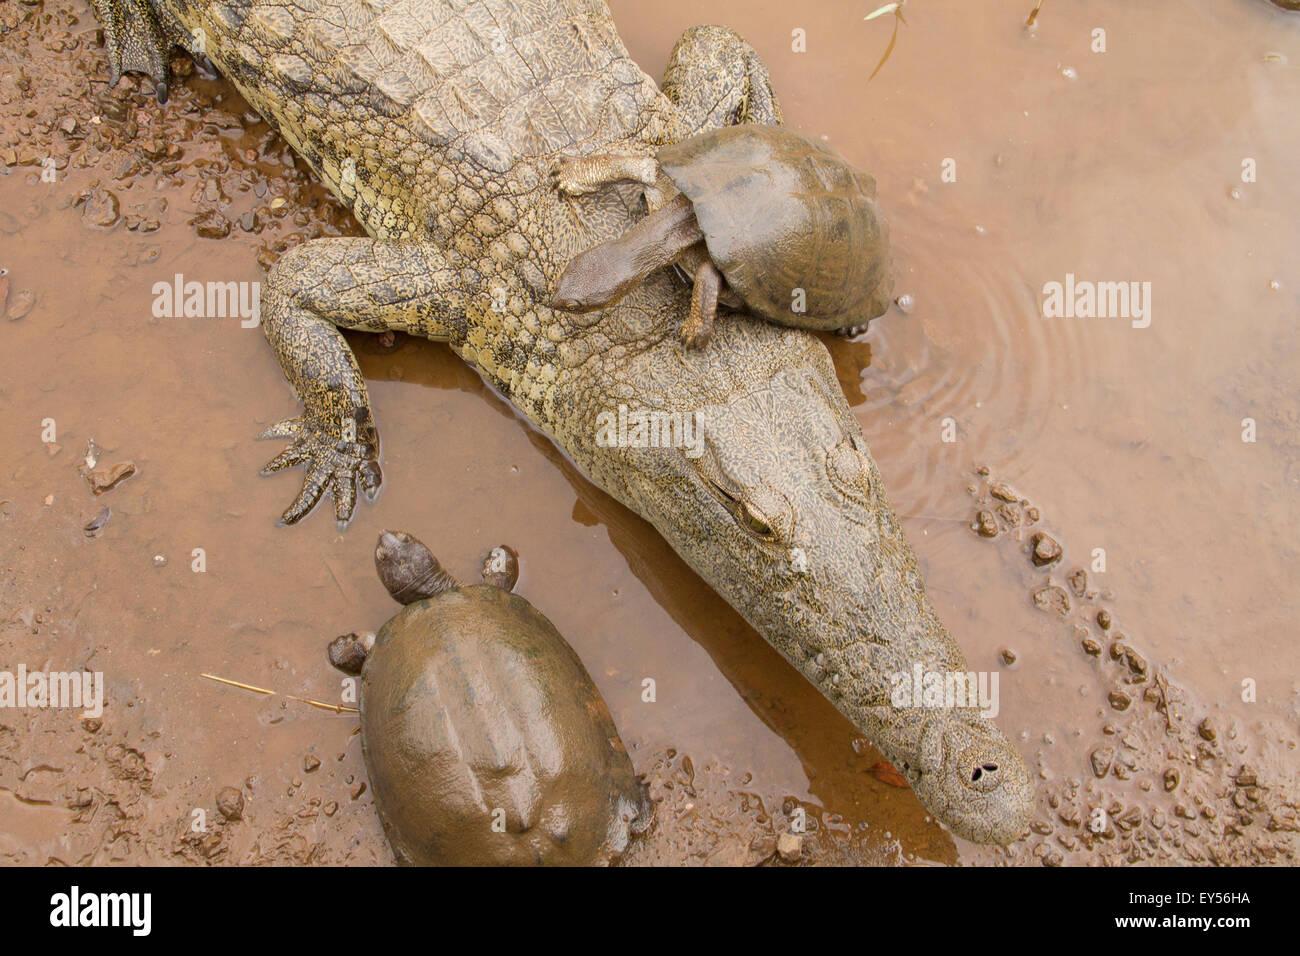 L'Afrique de l'Est de la boue et de la tortue dentelée - Crocodile Kruger Photo Stock